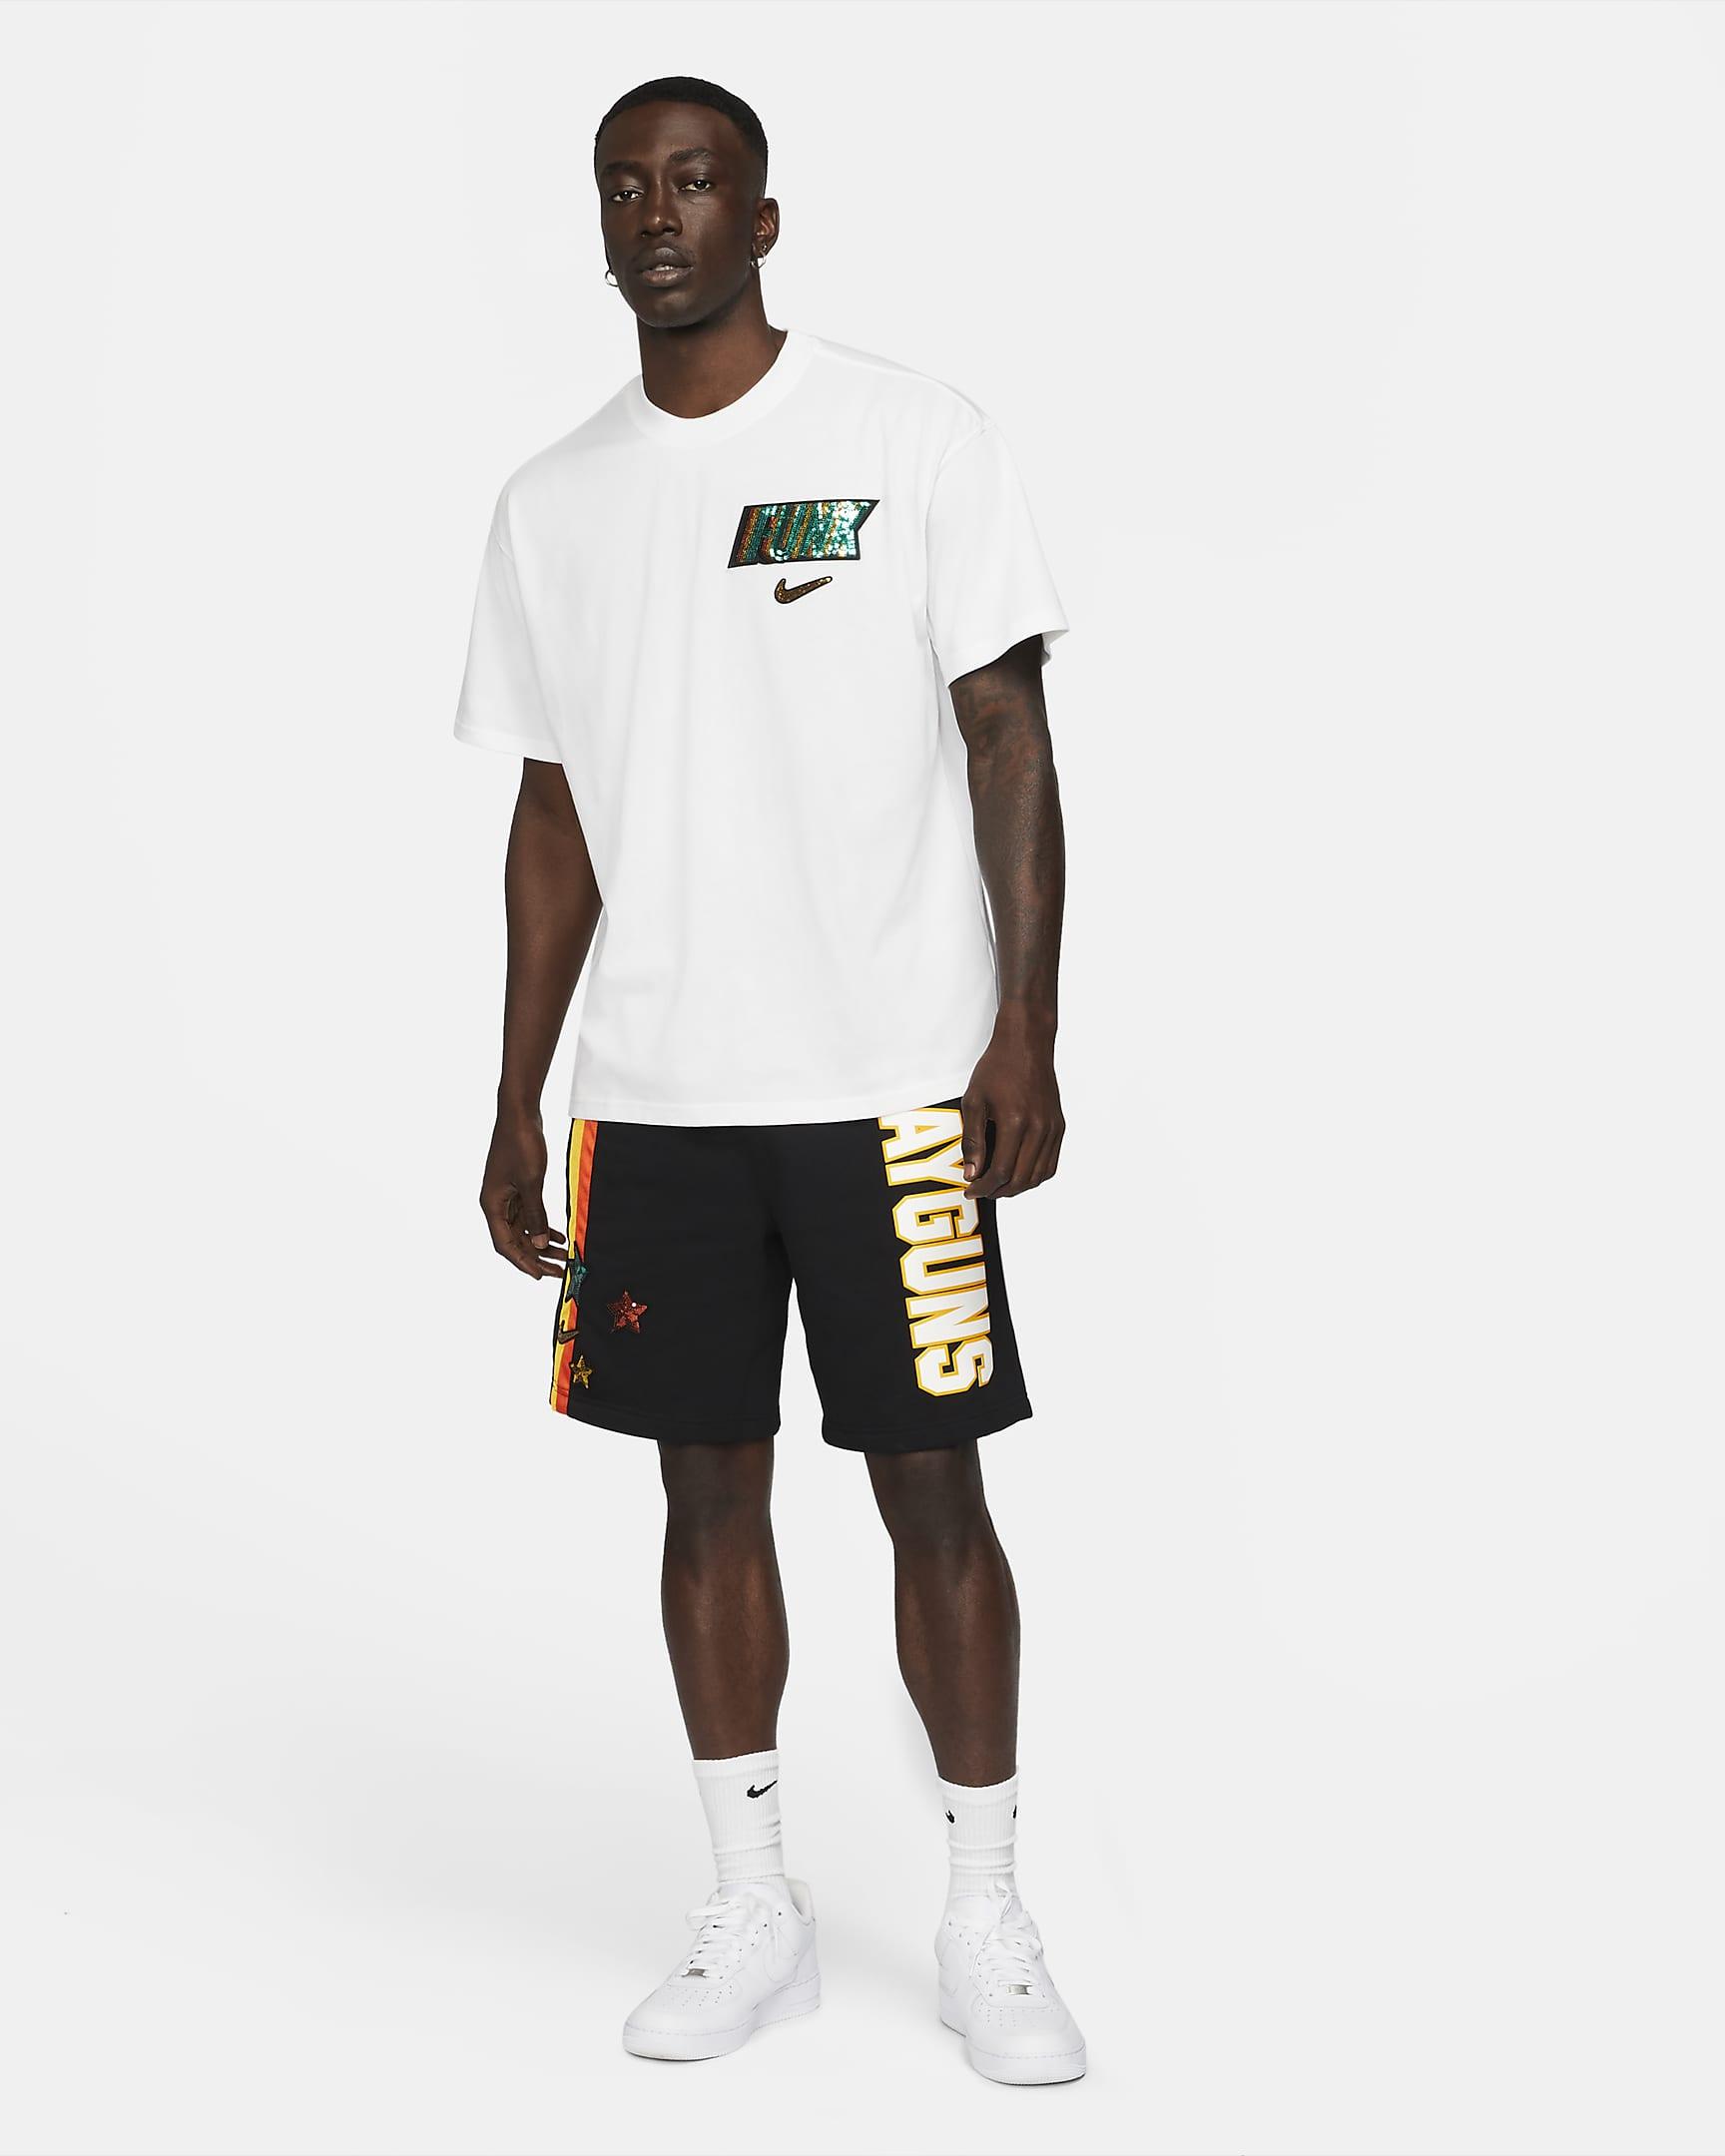 rayguns-mens-basketball-t-shirt-qZwq94-5